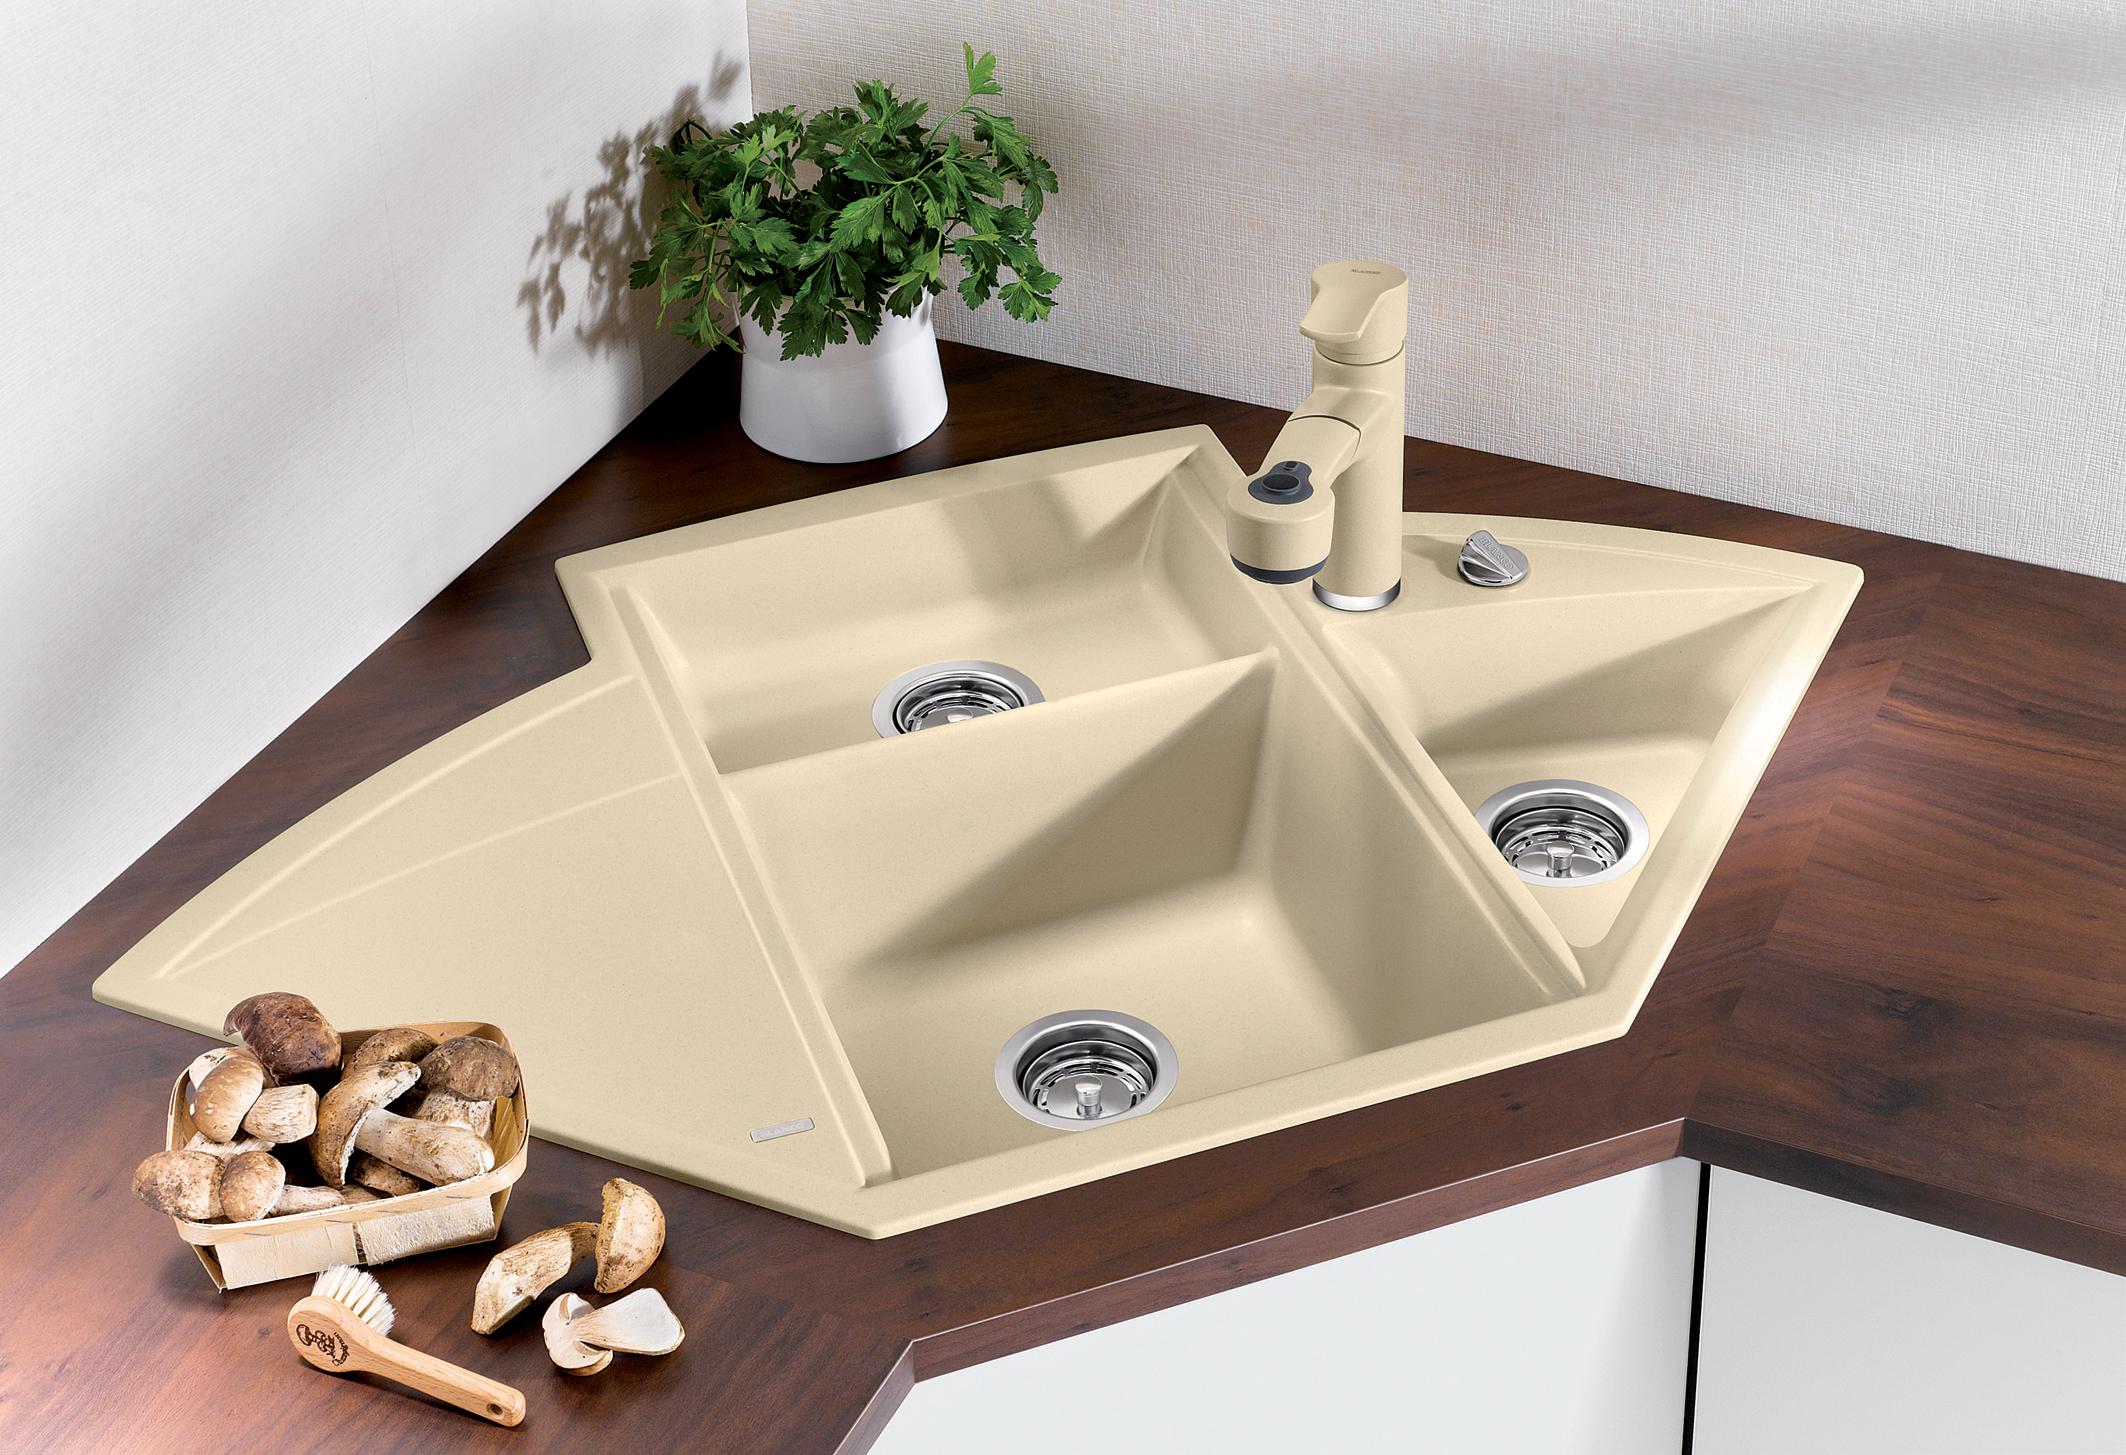 Угловая мойка для кухни керамическая